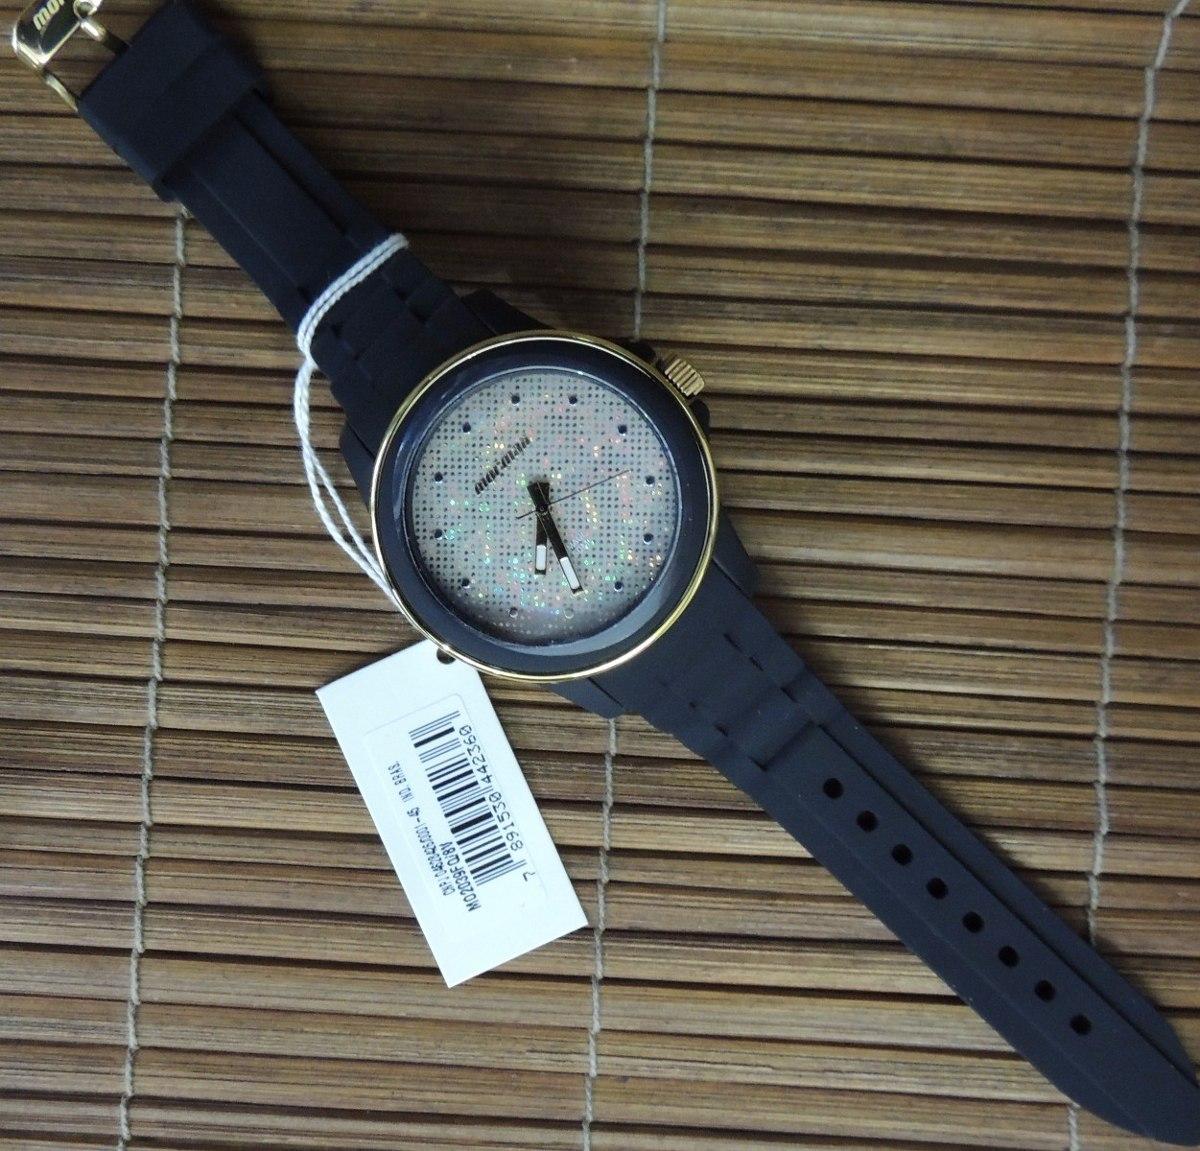 adede22ebee36 Relógio Mormaii Maui Feminino Mo2039fq 8v - Nf E Garantia - R  198 ...